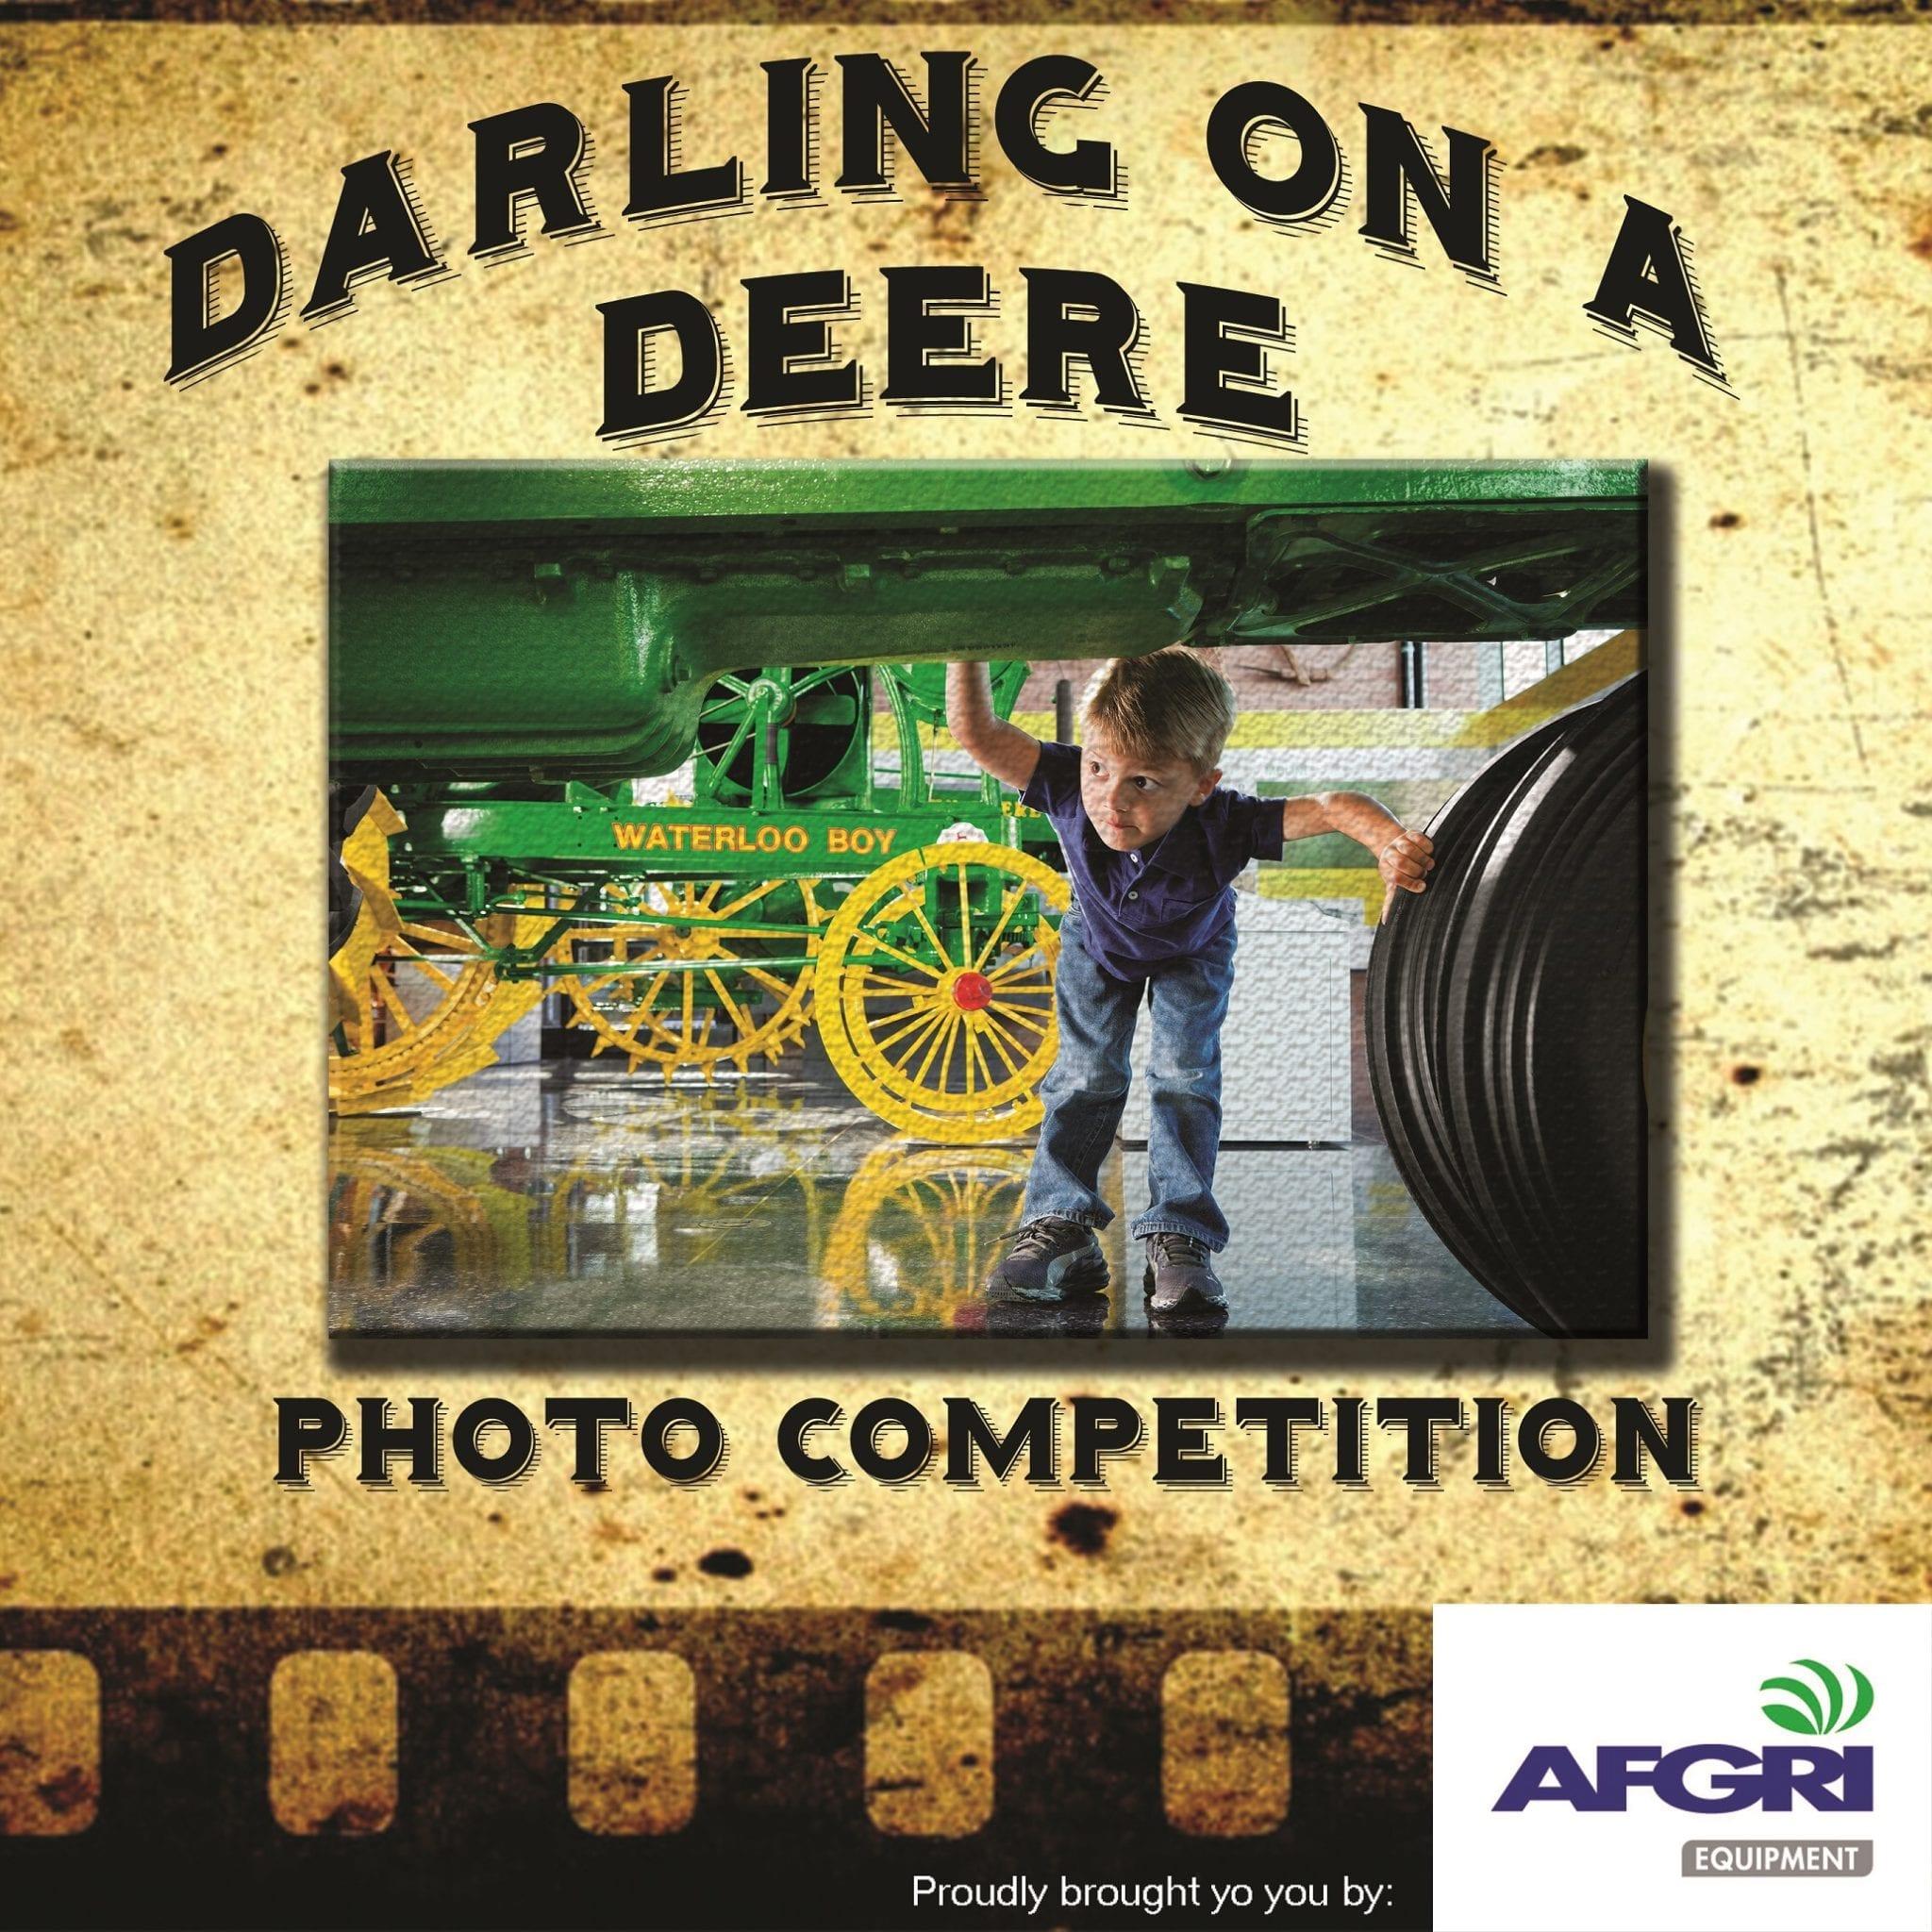 Darling on a Deere